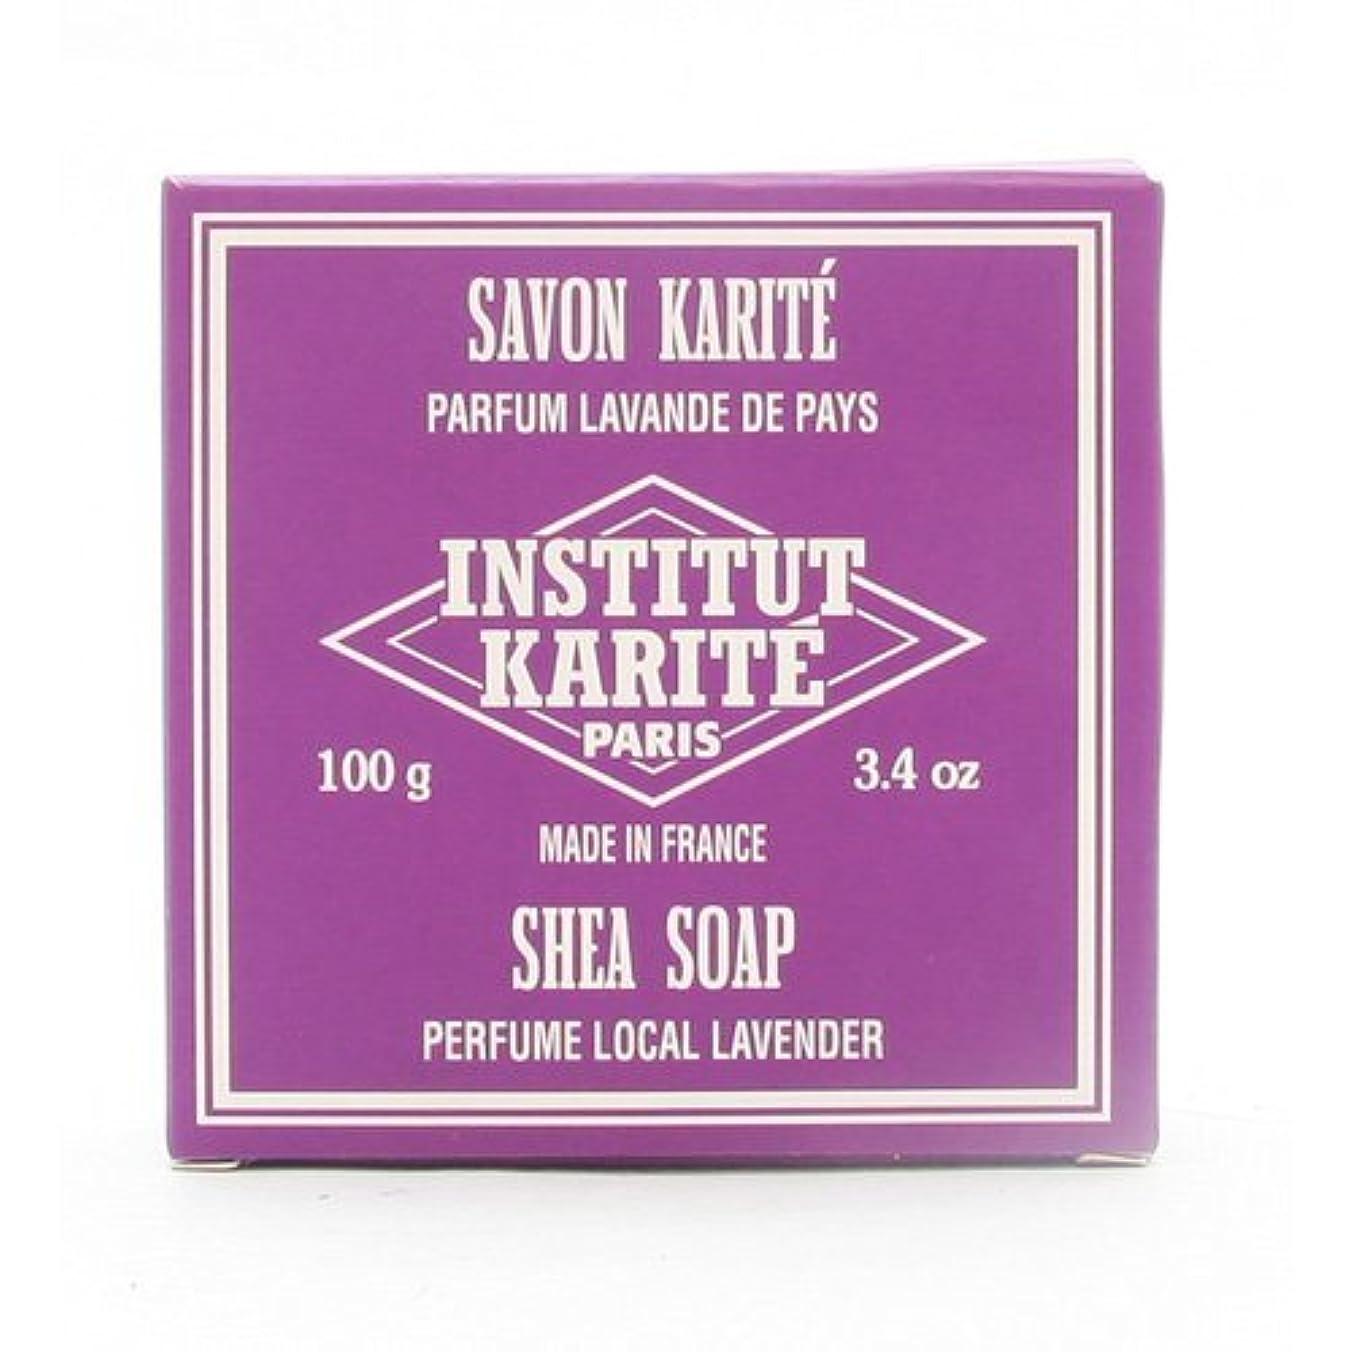 重荷スチュワード欲求不満INSTITUT KARITE インスティテュート カリテ 25% Extra Gentle Soap ジェントルソープ 100g Local Lavender ローカルラベンダー